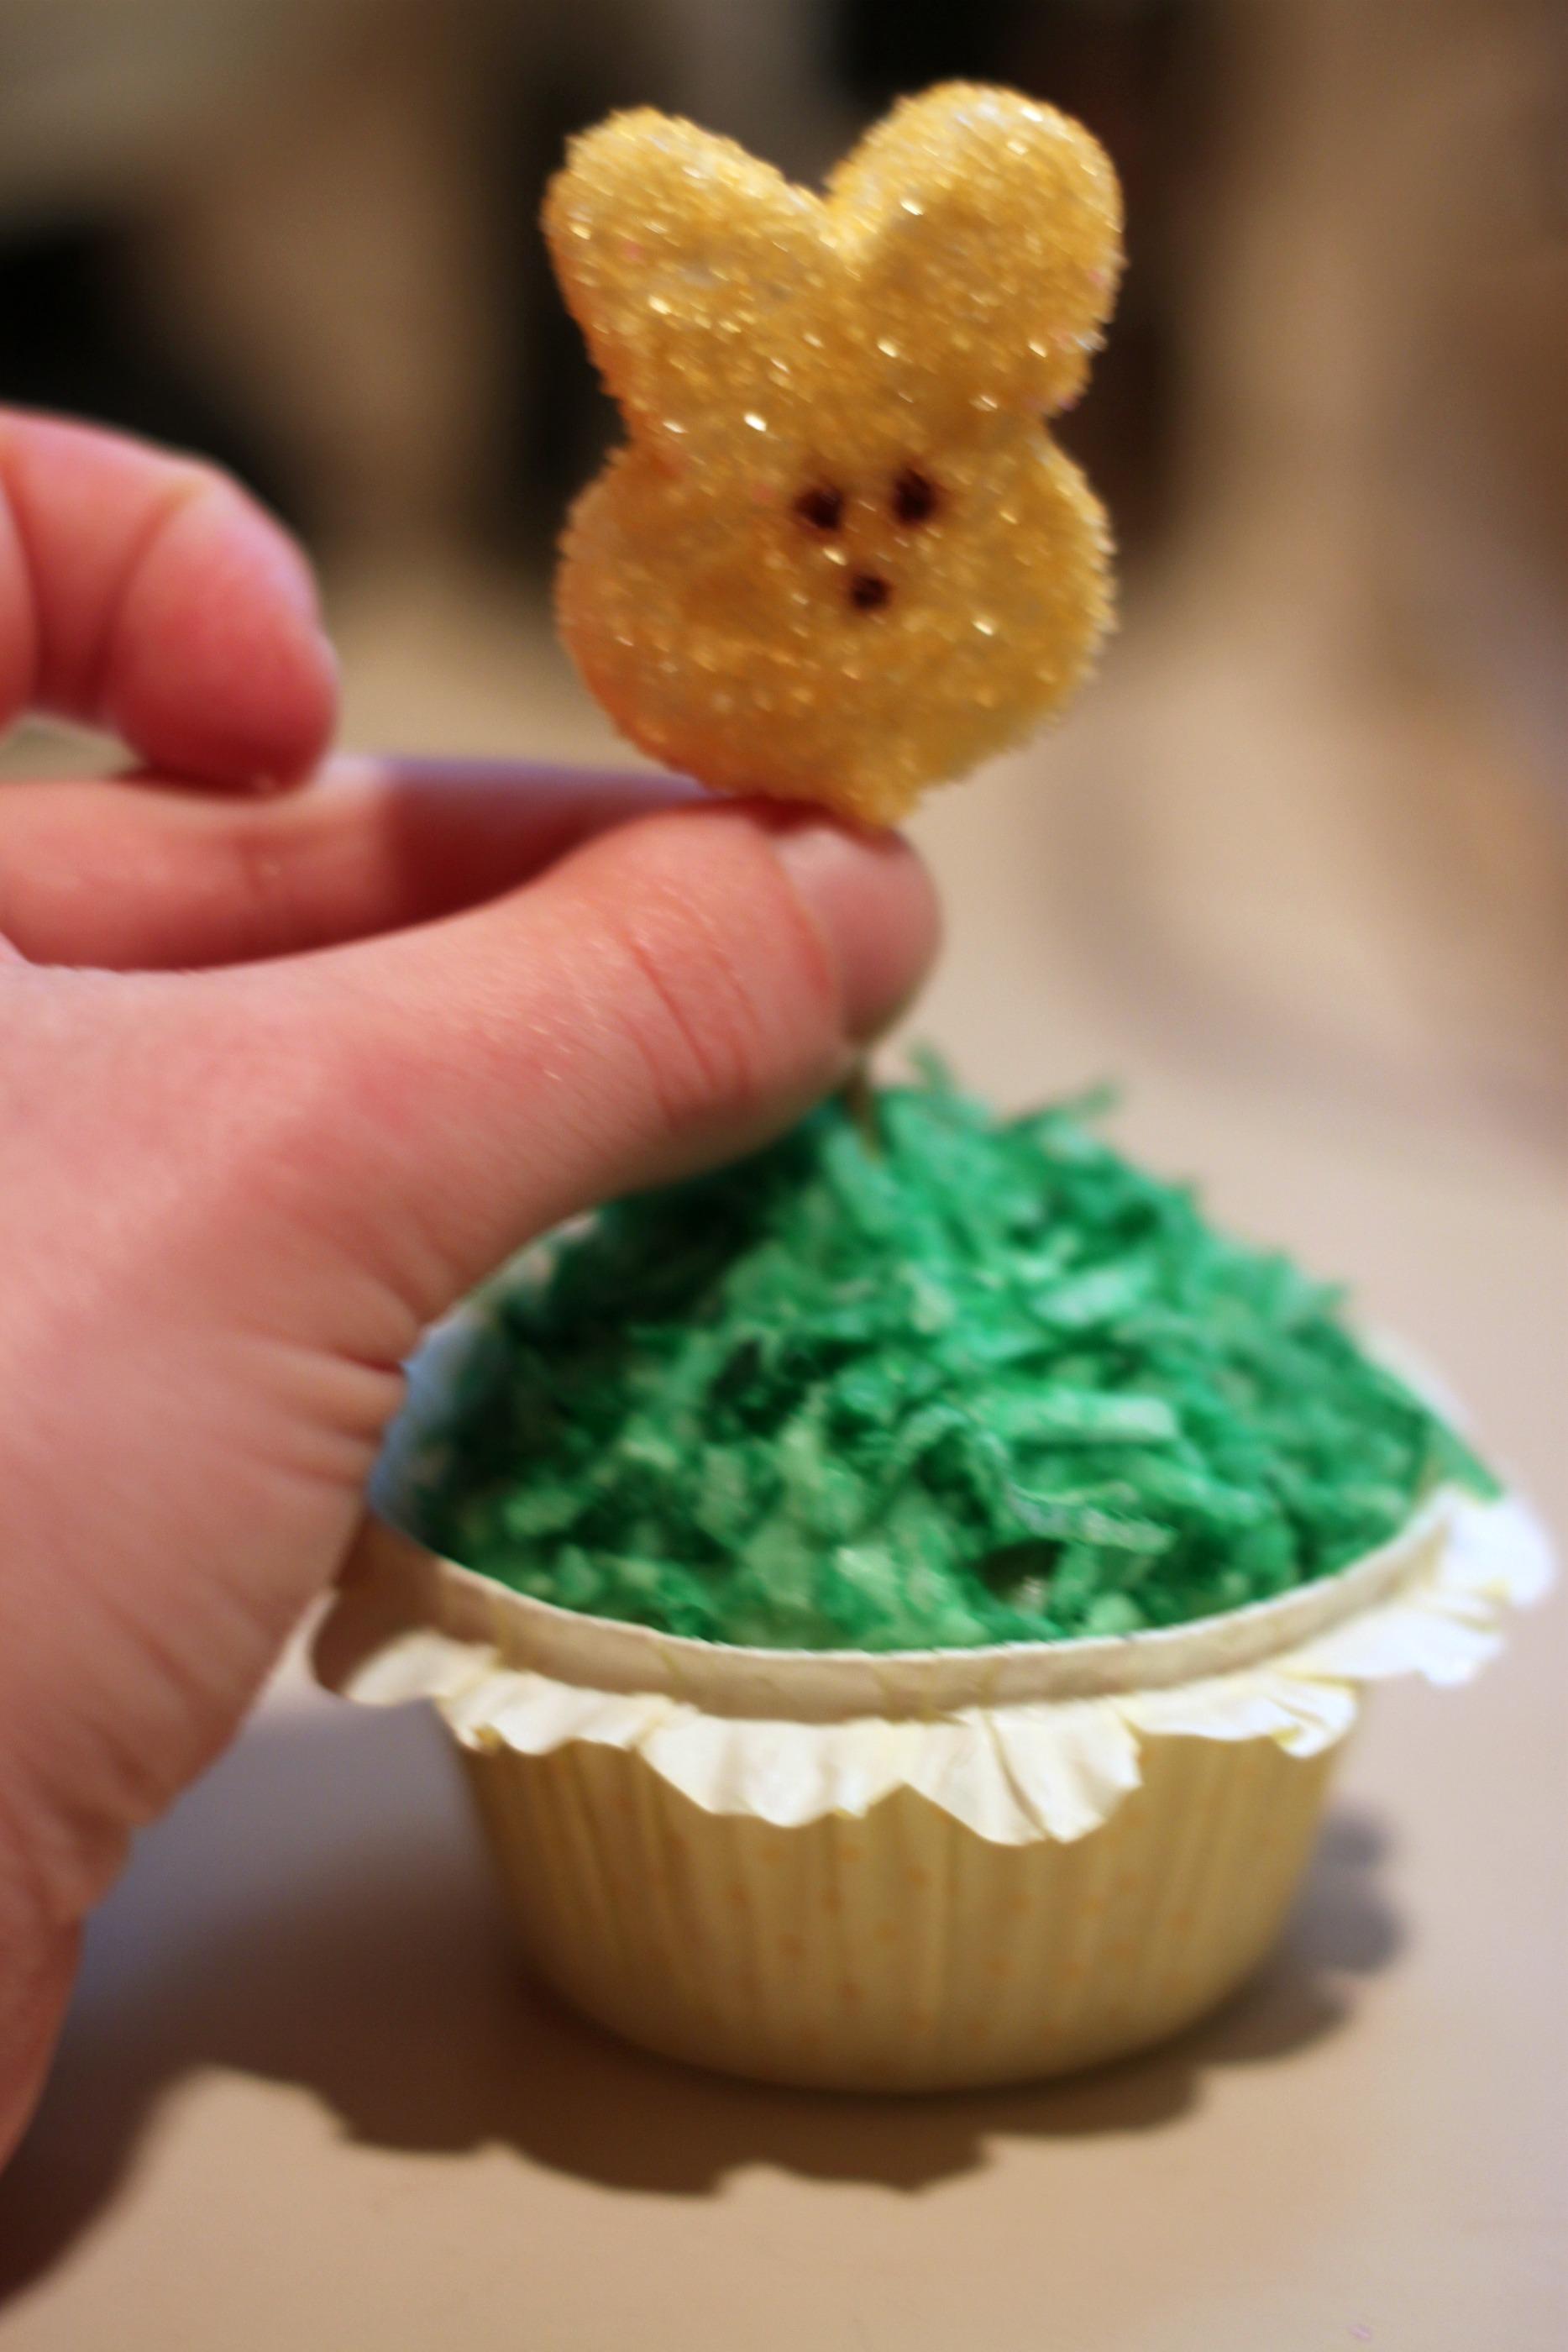 Push Peep into cupcake